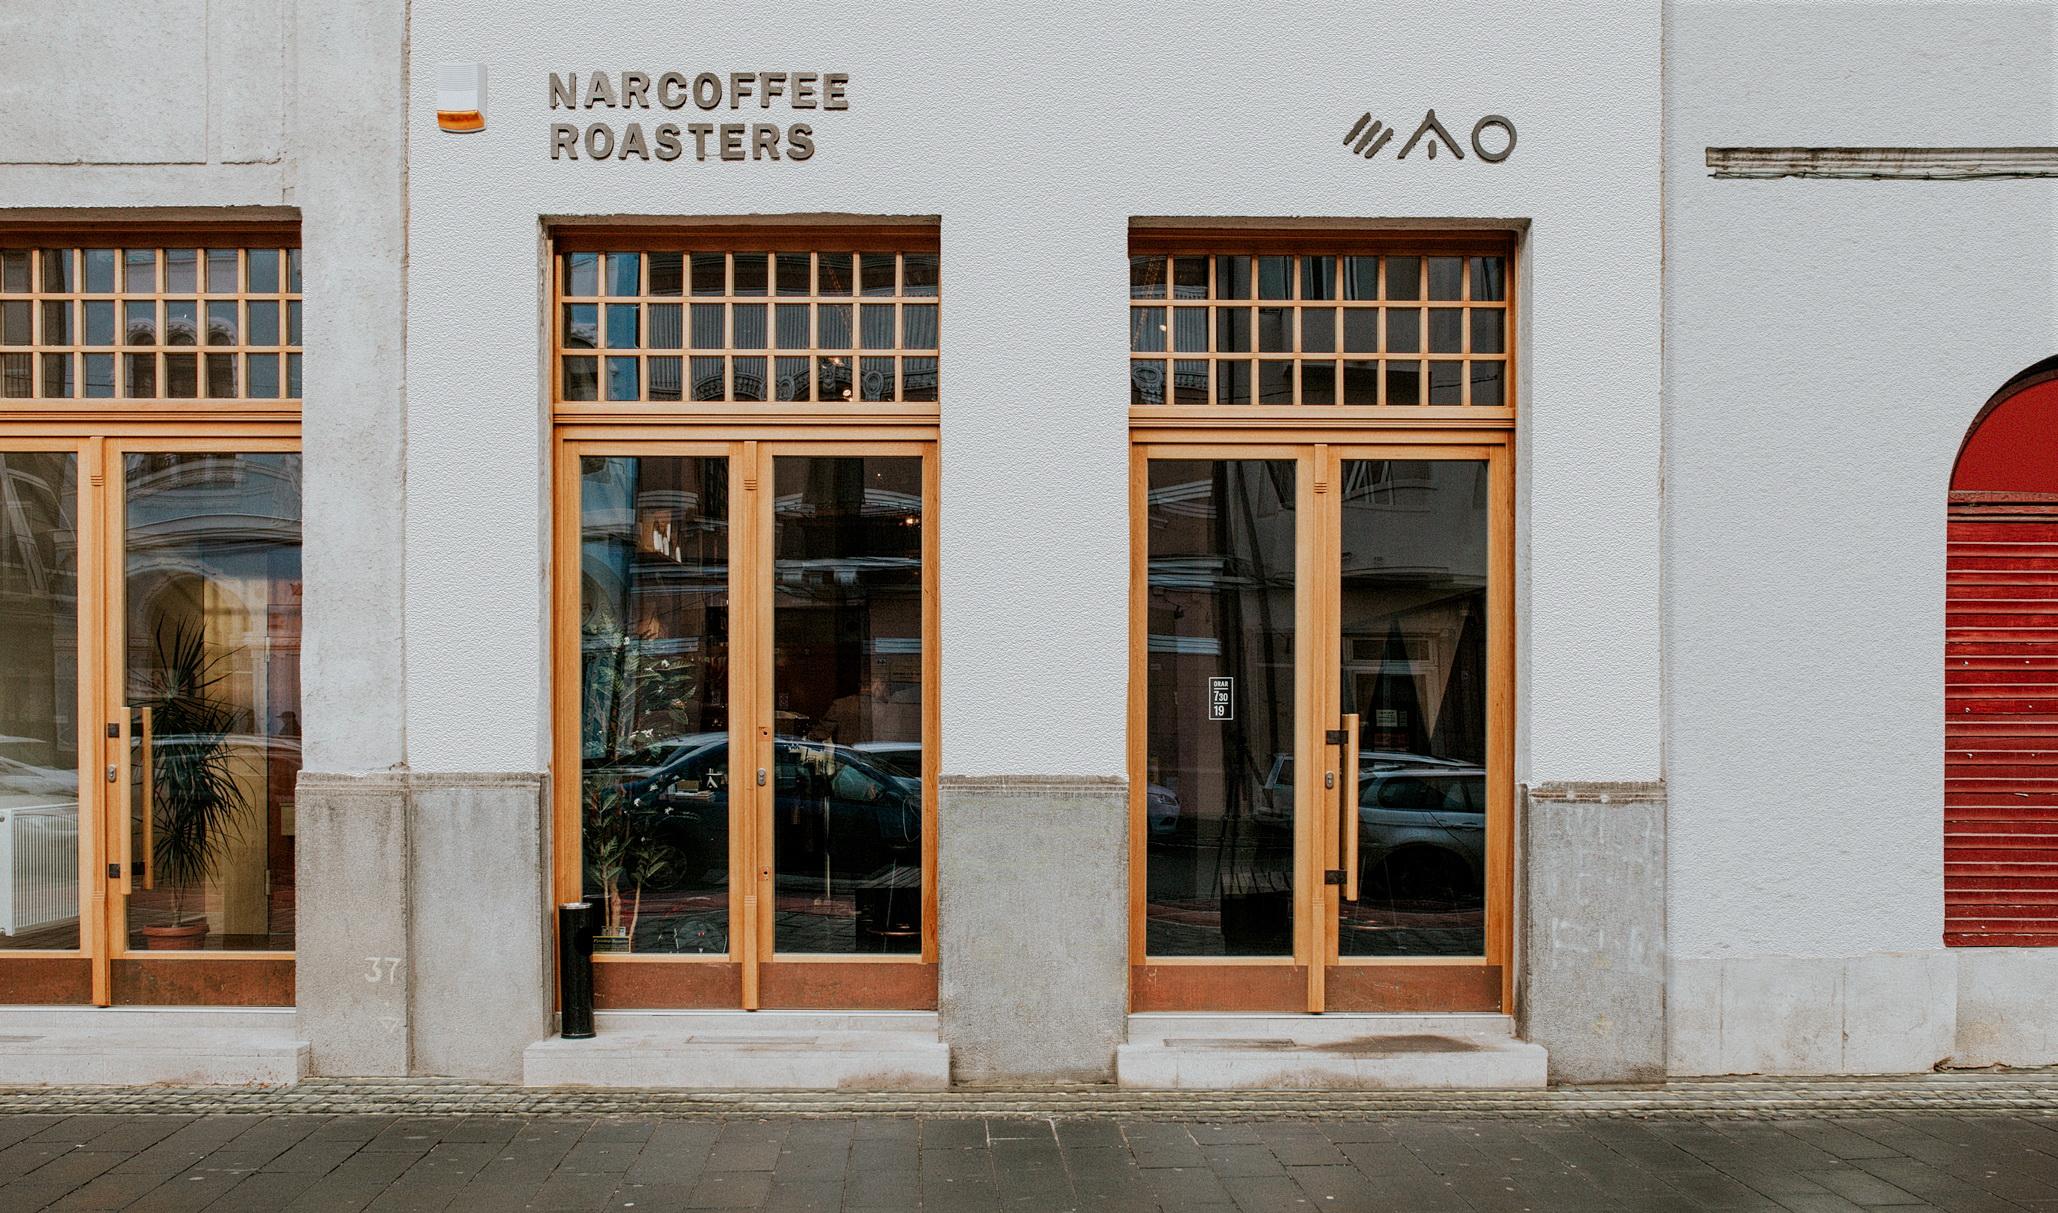 Narcoffee10